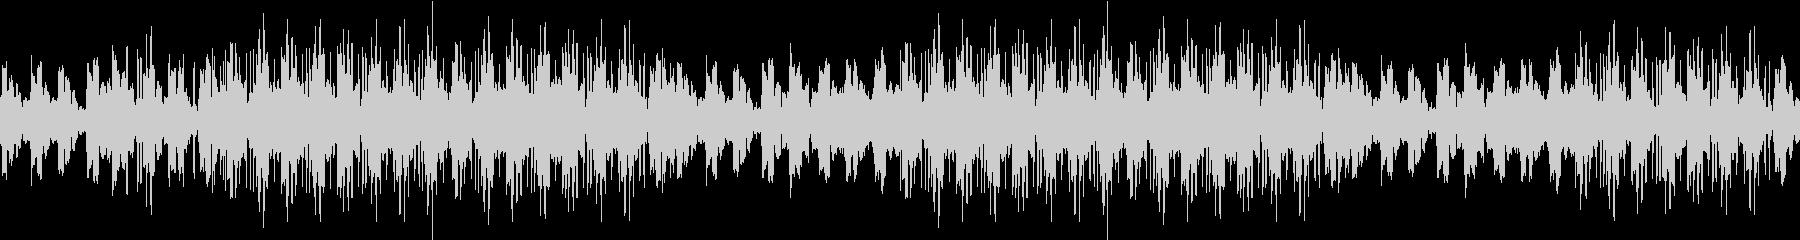 アンビエント・繊細・センチメンタ・ピアノの未再生の波形